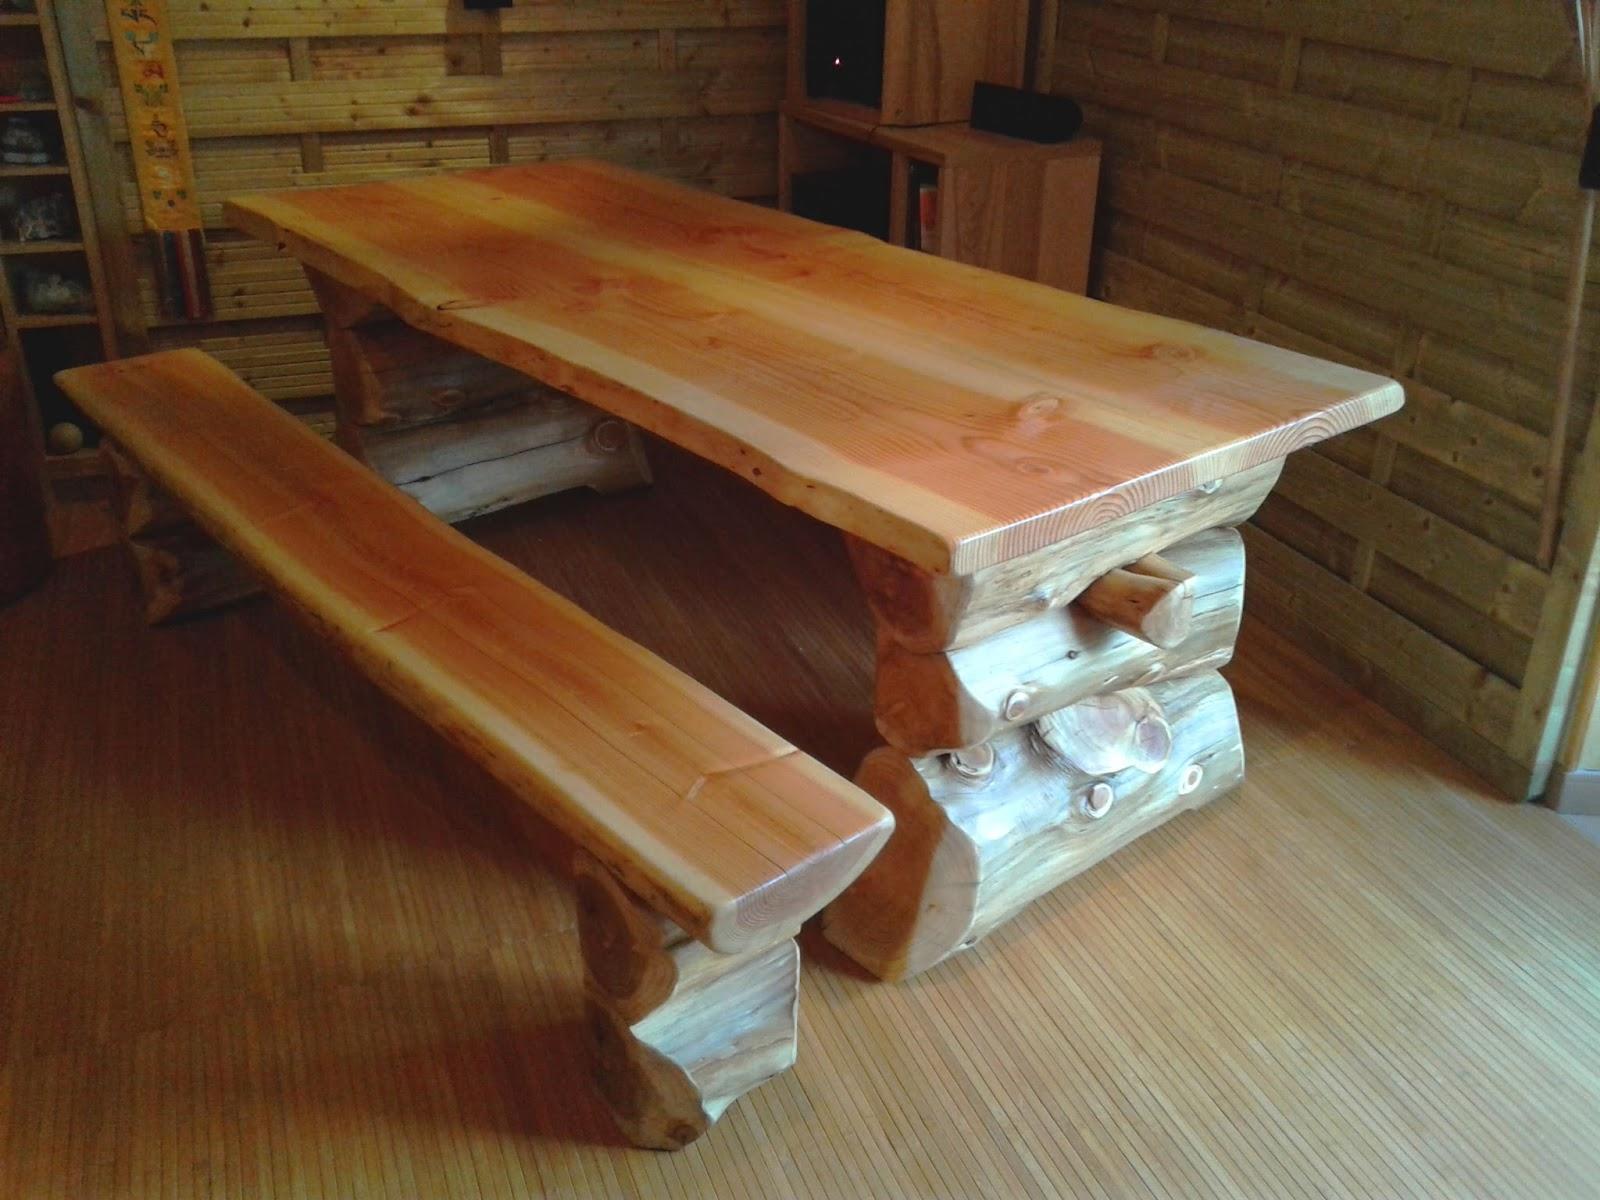 bureau et banc en rondins table en rondins banc avec dossier ~ Banc En Rondin De Bois